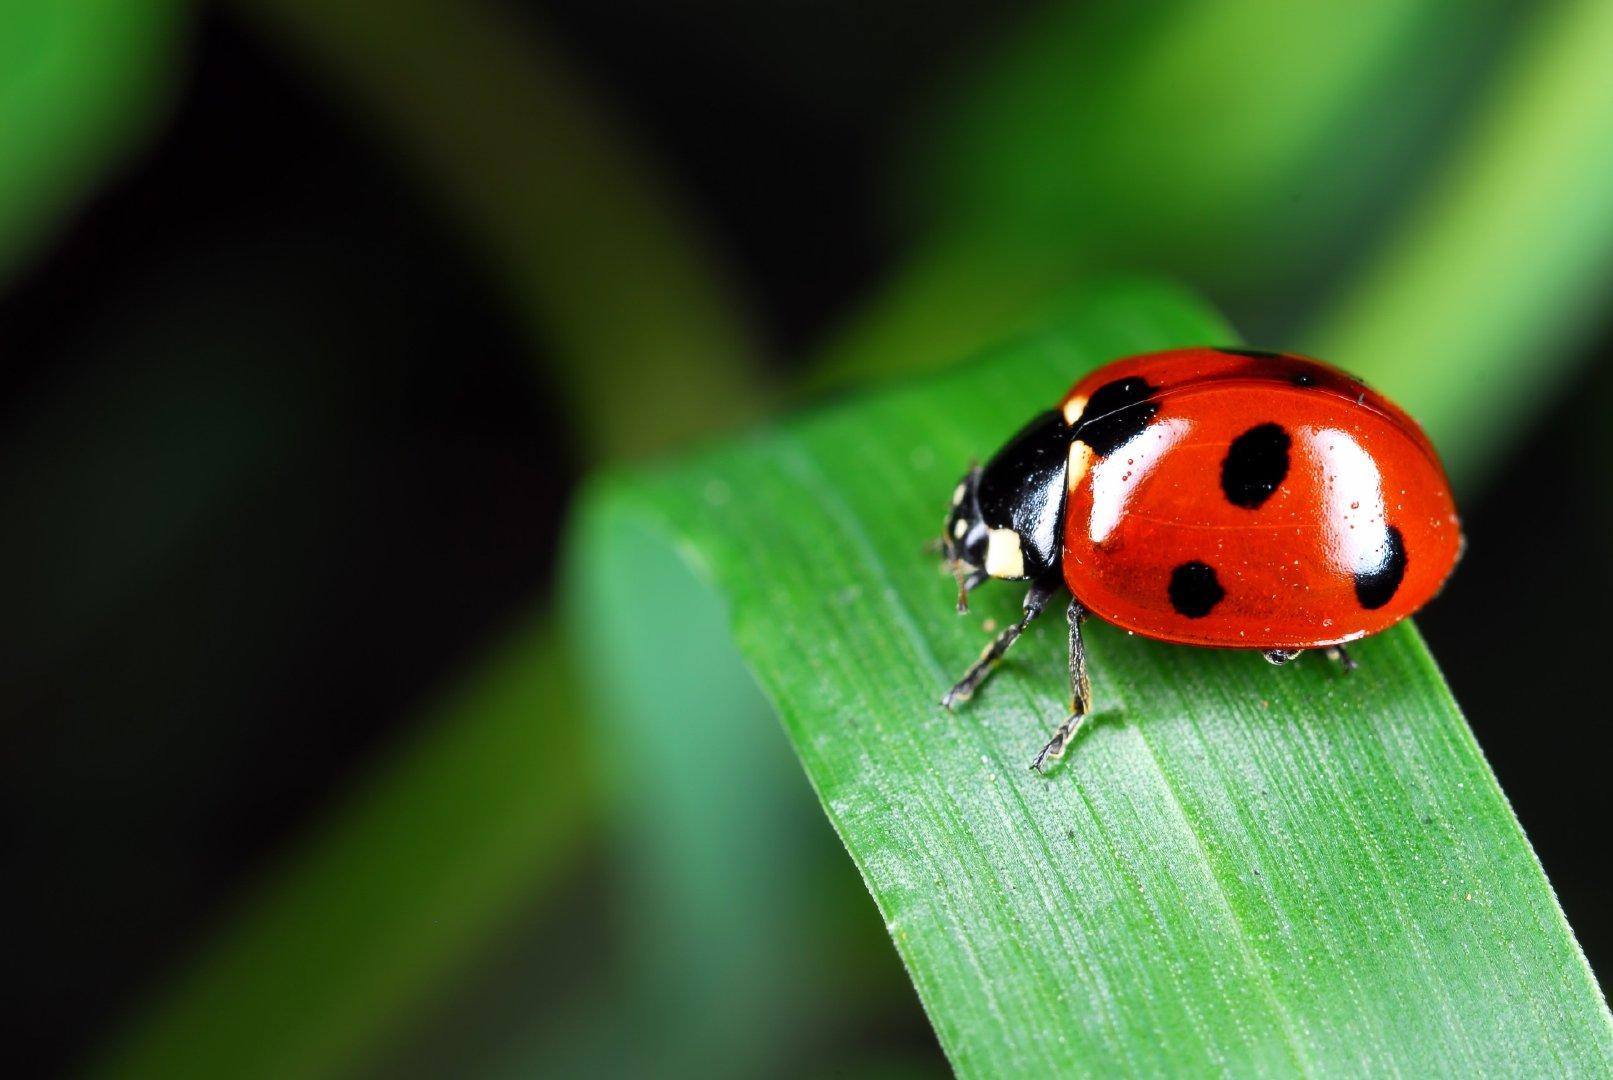 在植物上休息的红色七星瓢虫高清微距摄影图